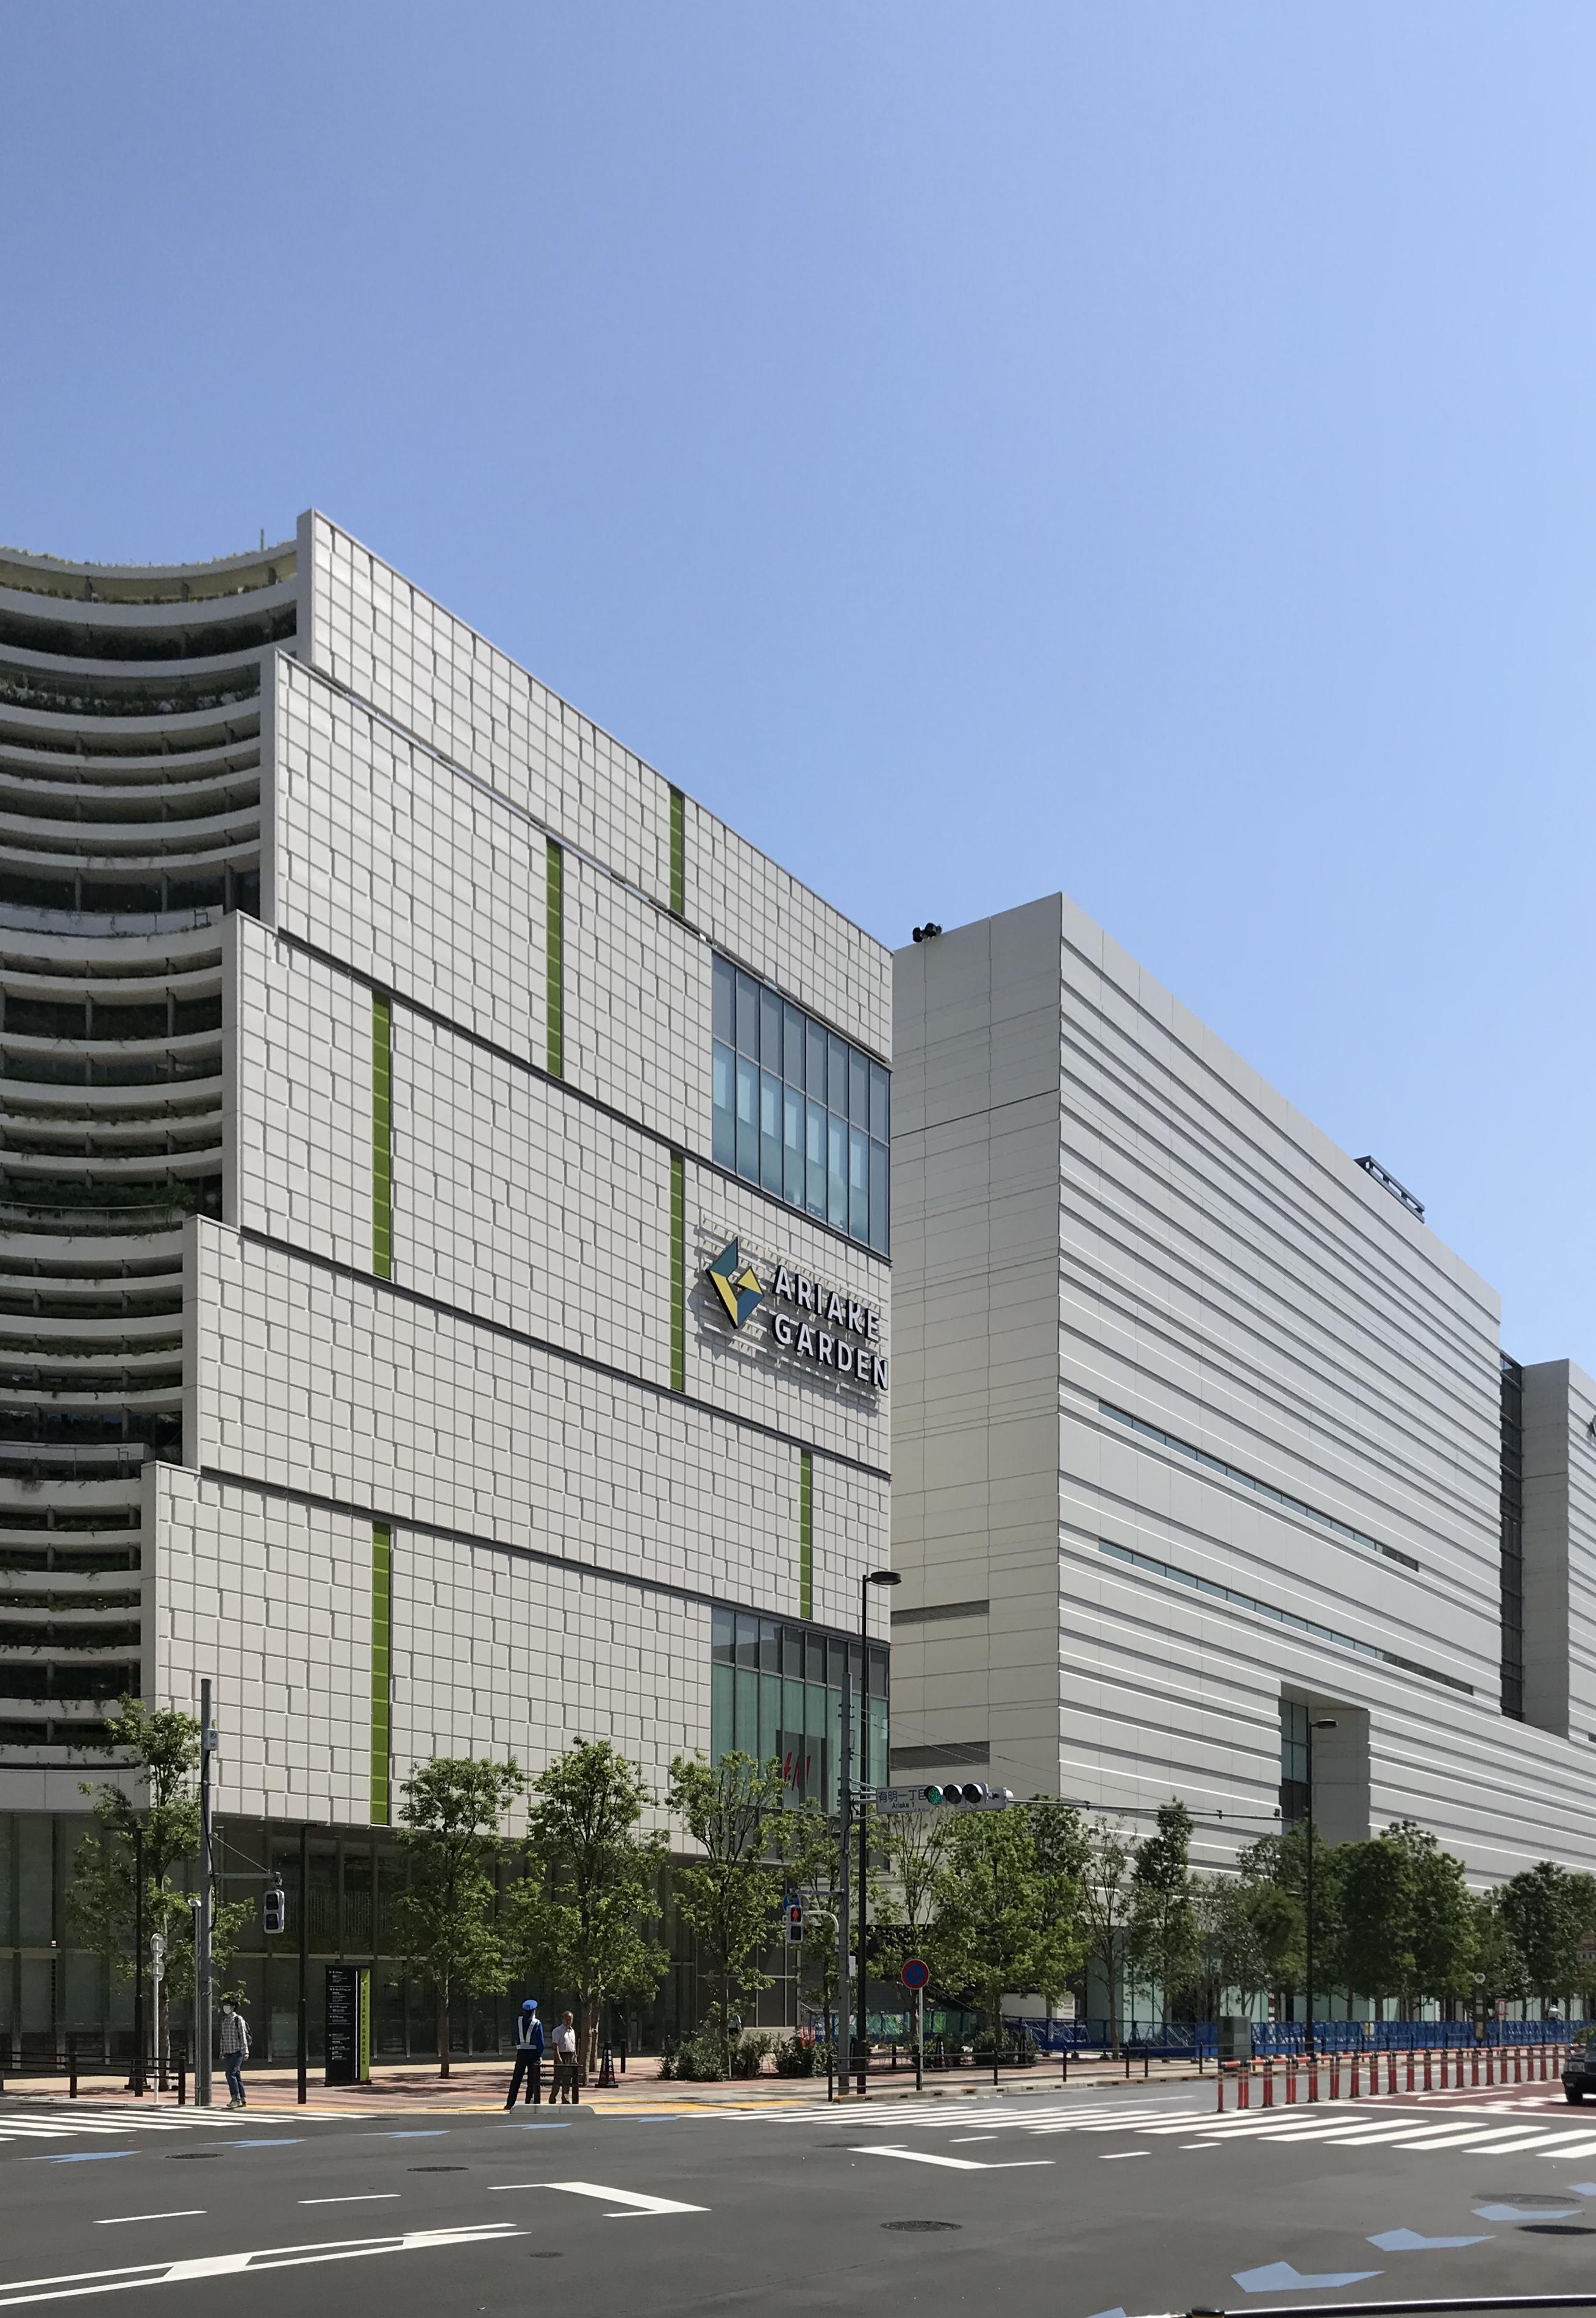 「住友不動産 ショッピングシティ 有明ガーデン」が6月17日に開業